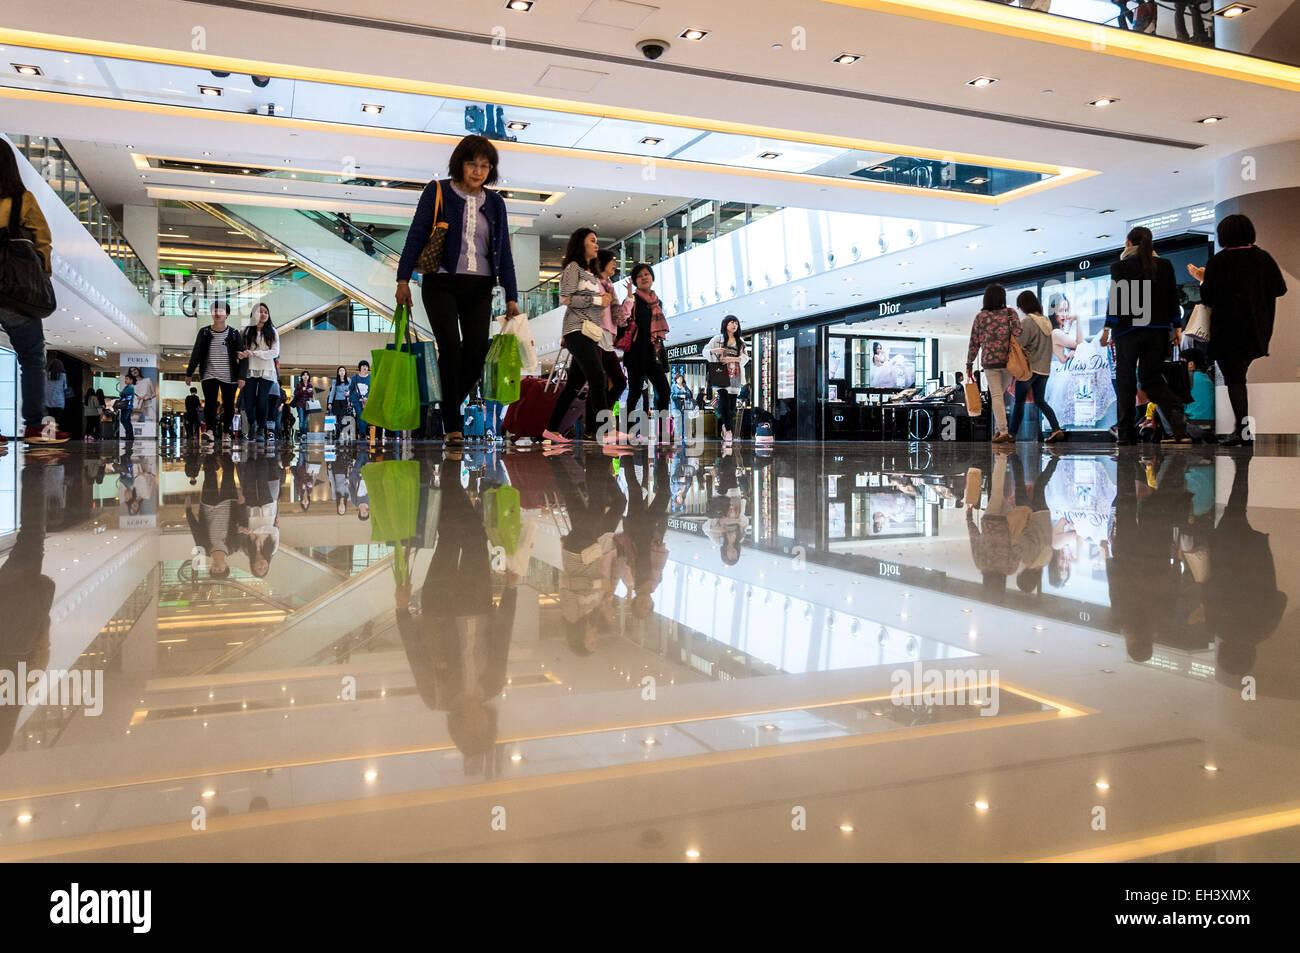 New Town Plaza shopping centre Hong Kong SAR - Stock Image